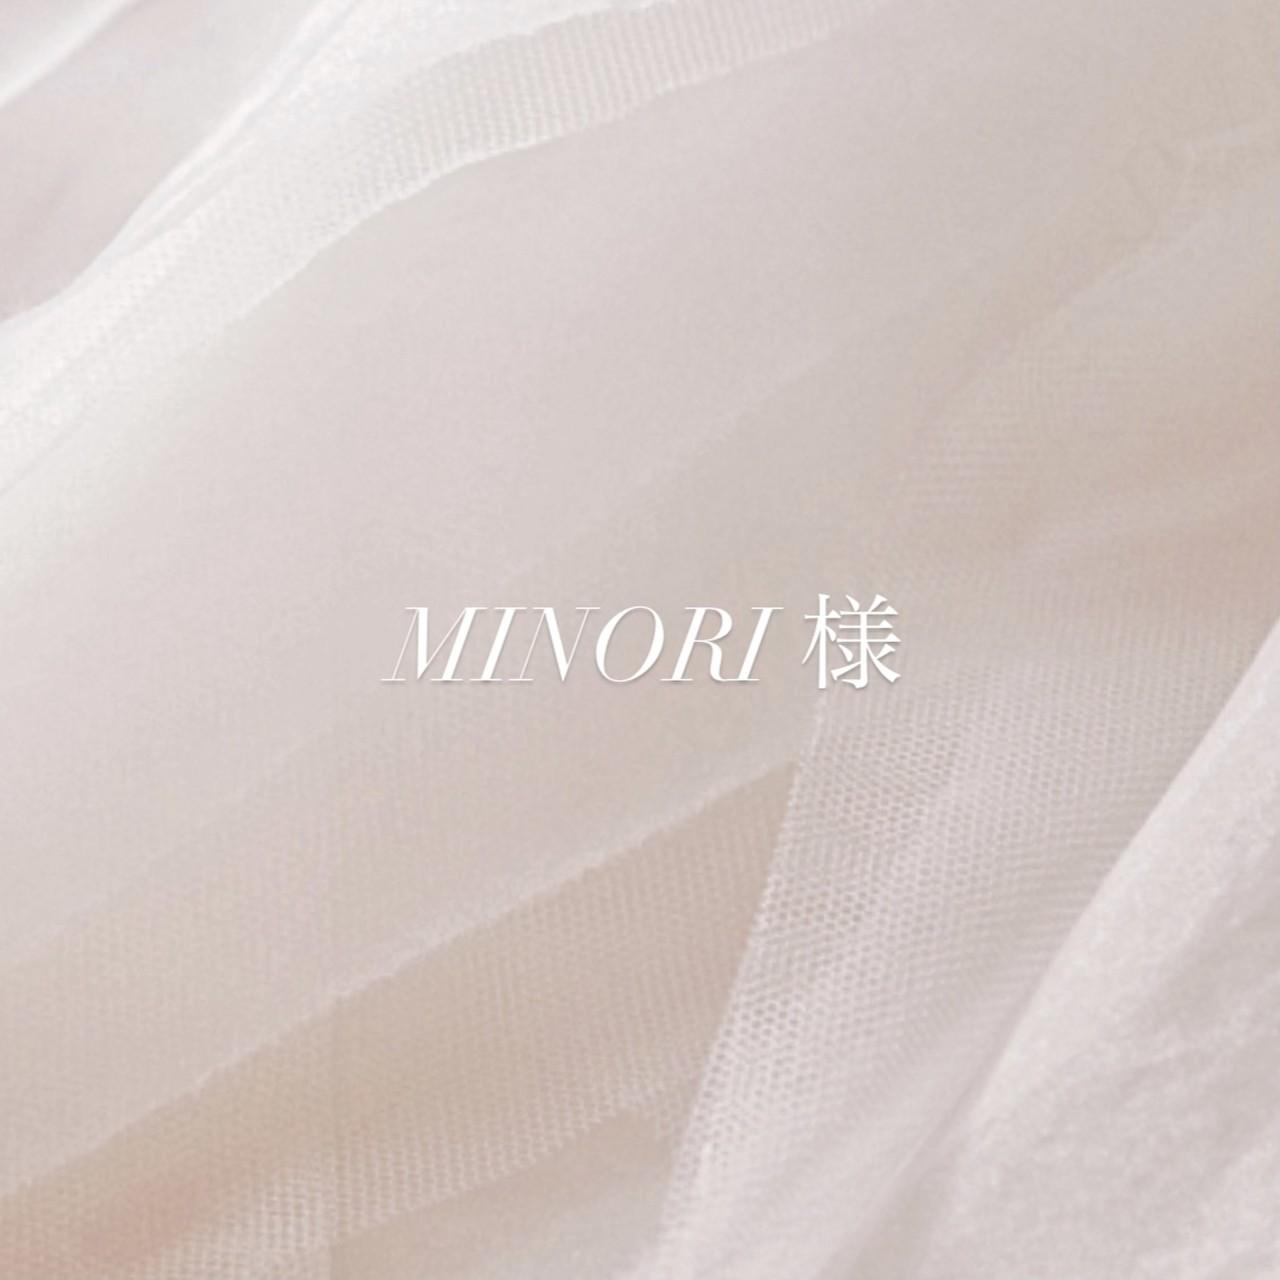 MINORI様 専用ページ